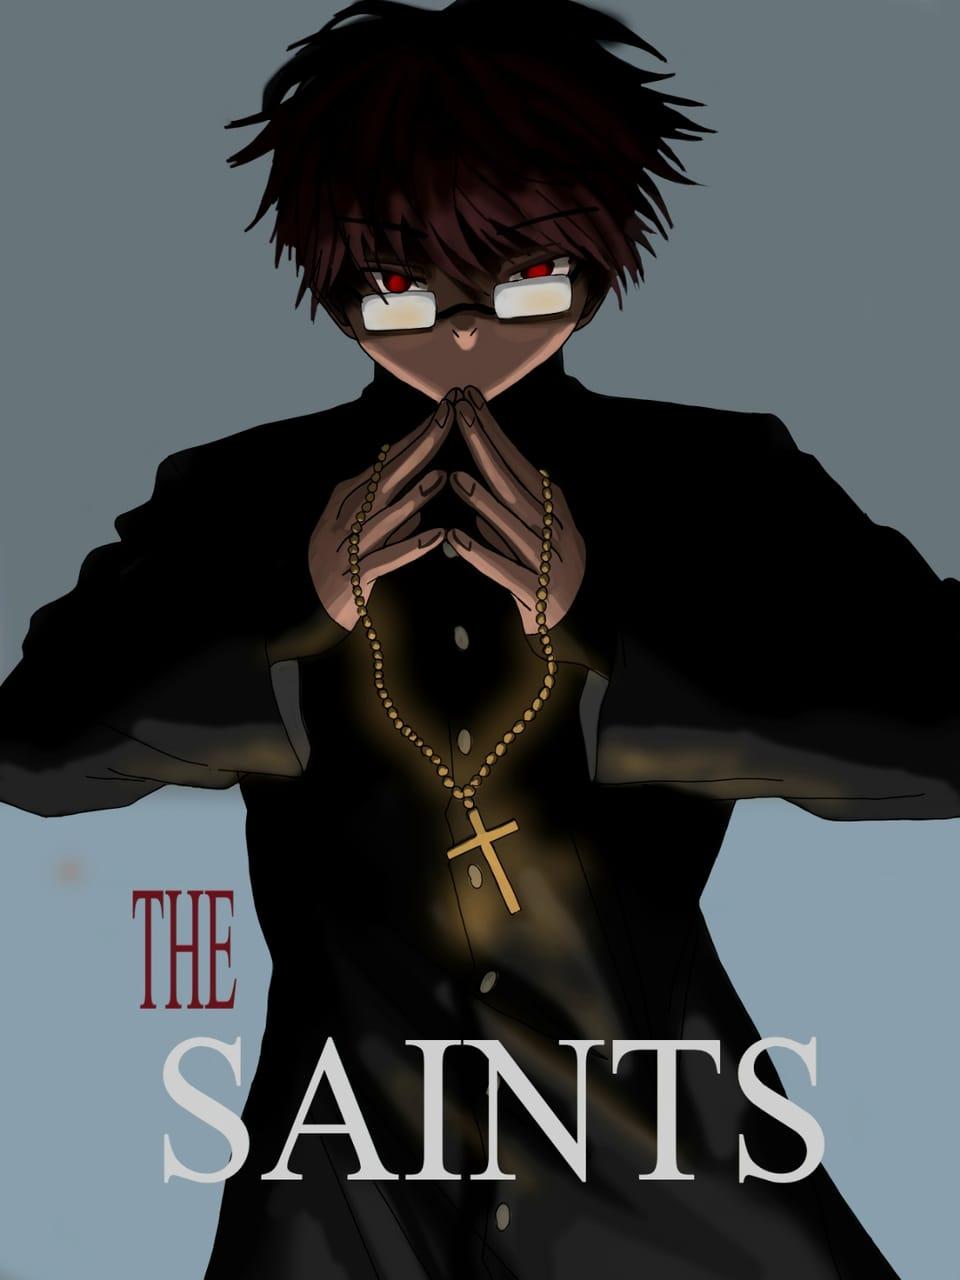 The Saint cover. Illust of Yuri Black Zero medibangpaint painting Saint Priest color illustration Cover portrait